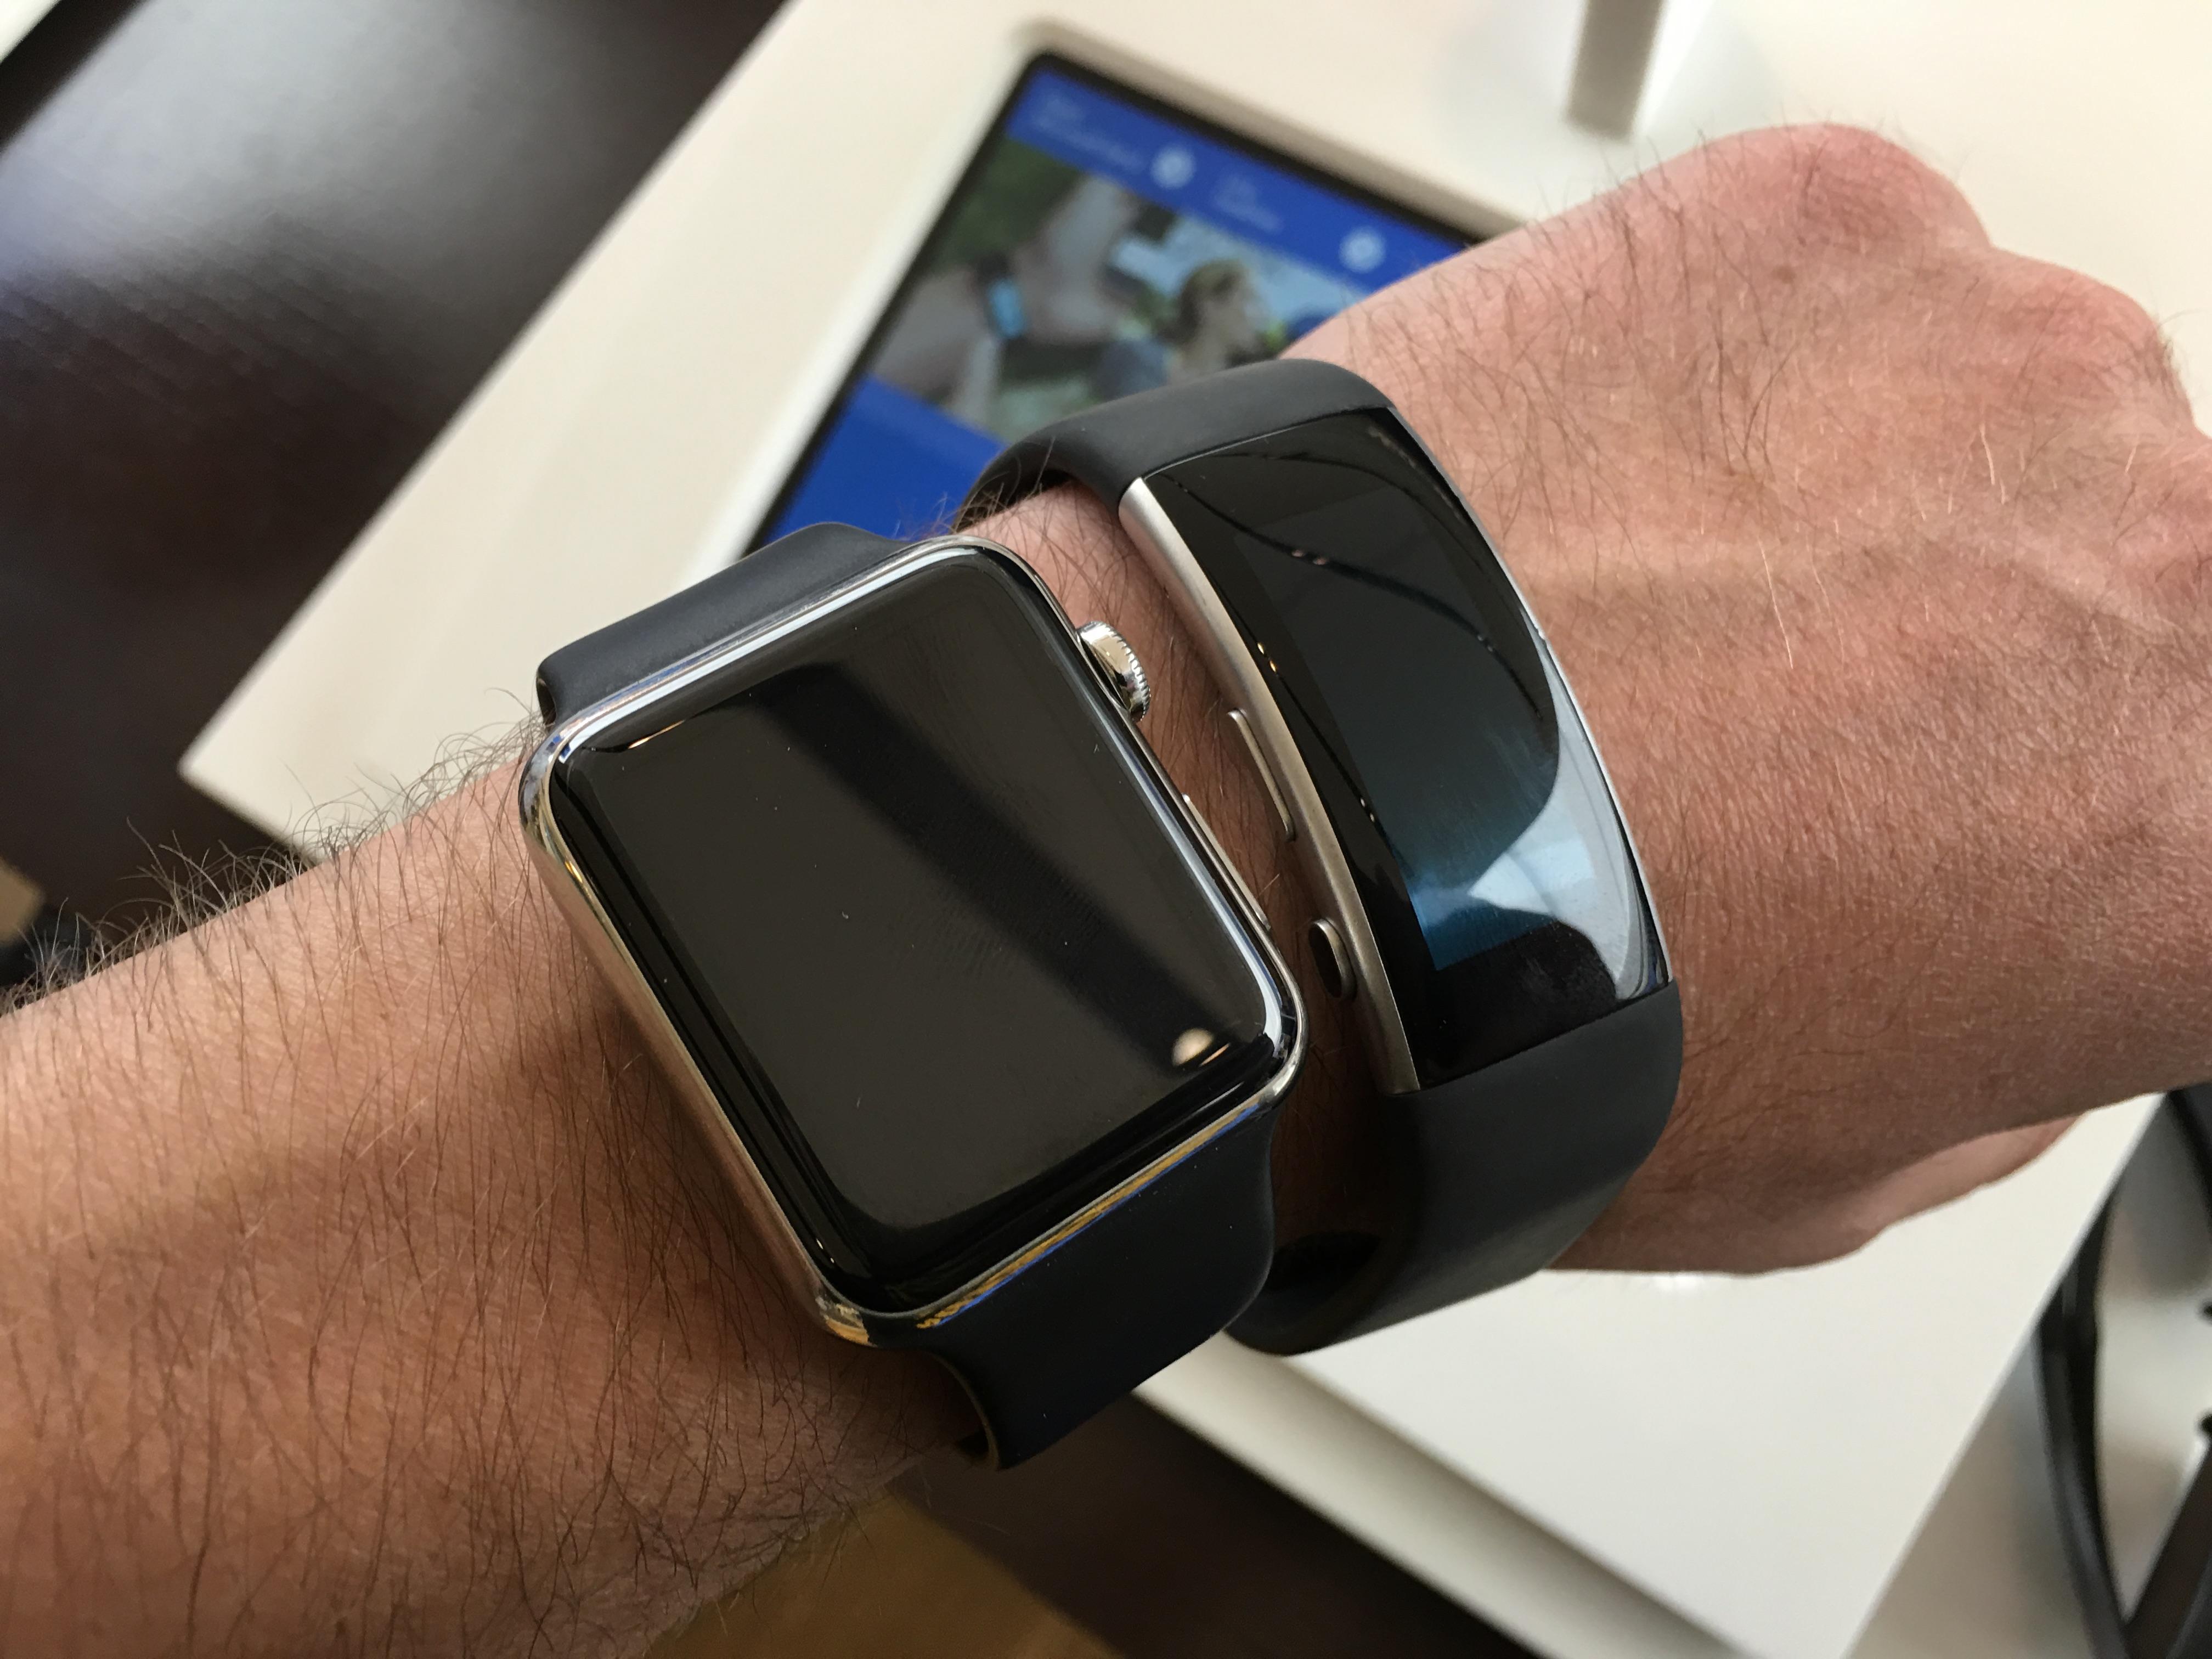 To helt forskjellige tilnærminger: Apple Watch er en klokke, mens Band 2 i hovedsak er et treningsarmbånd.